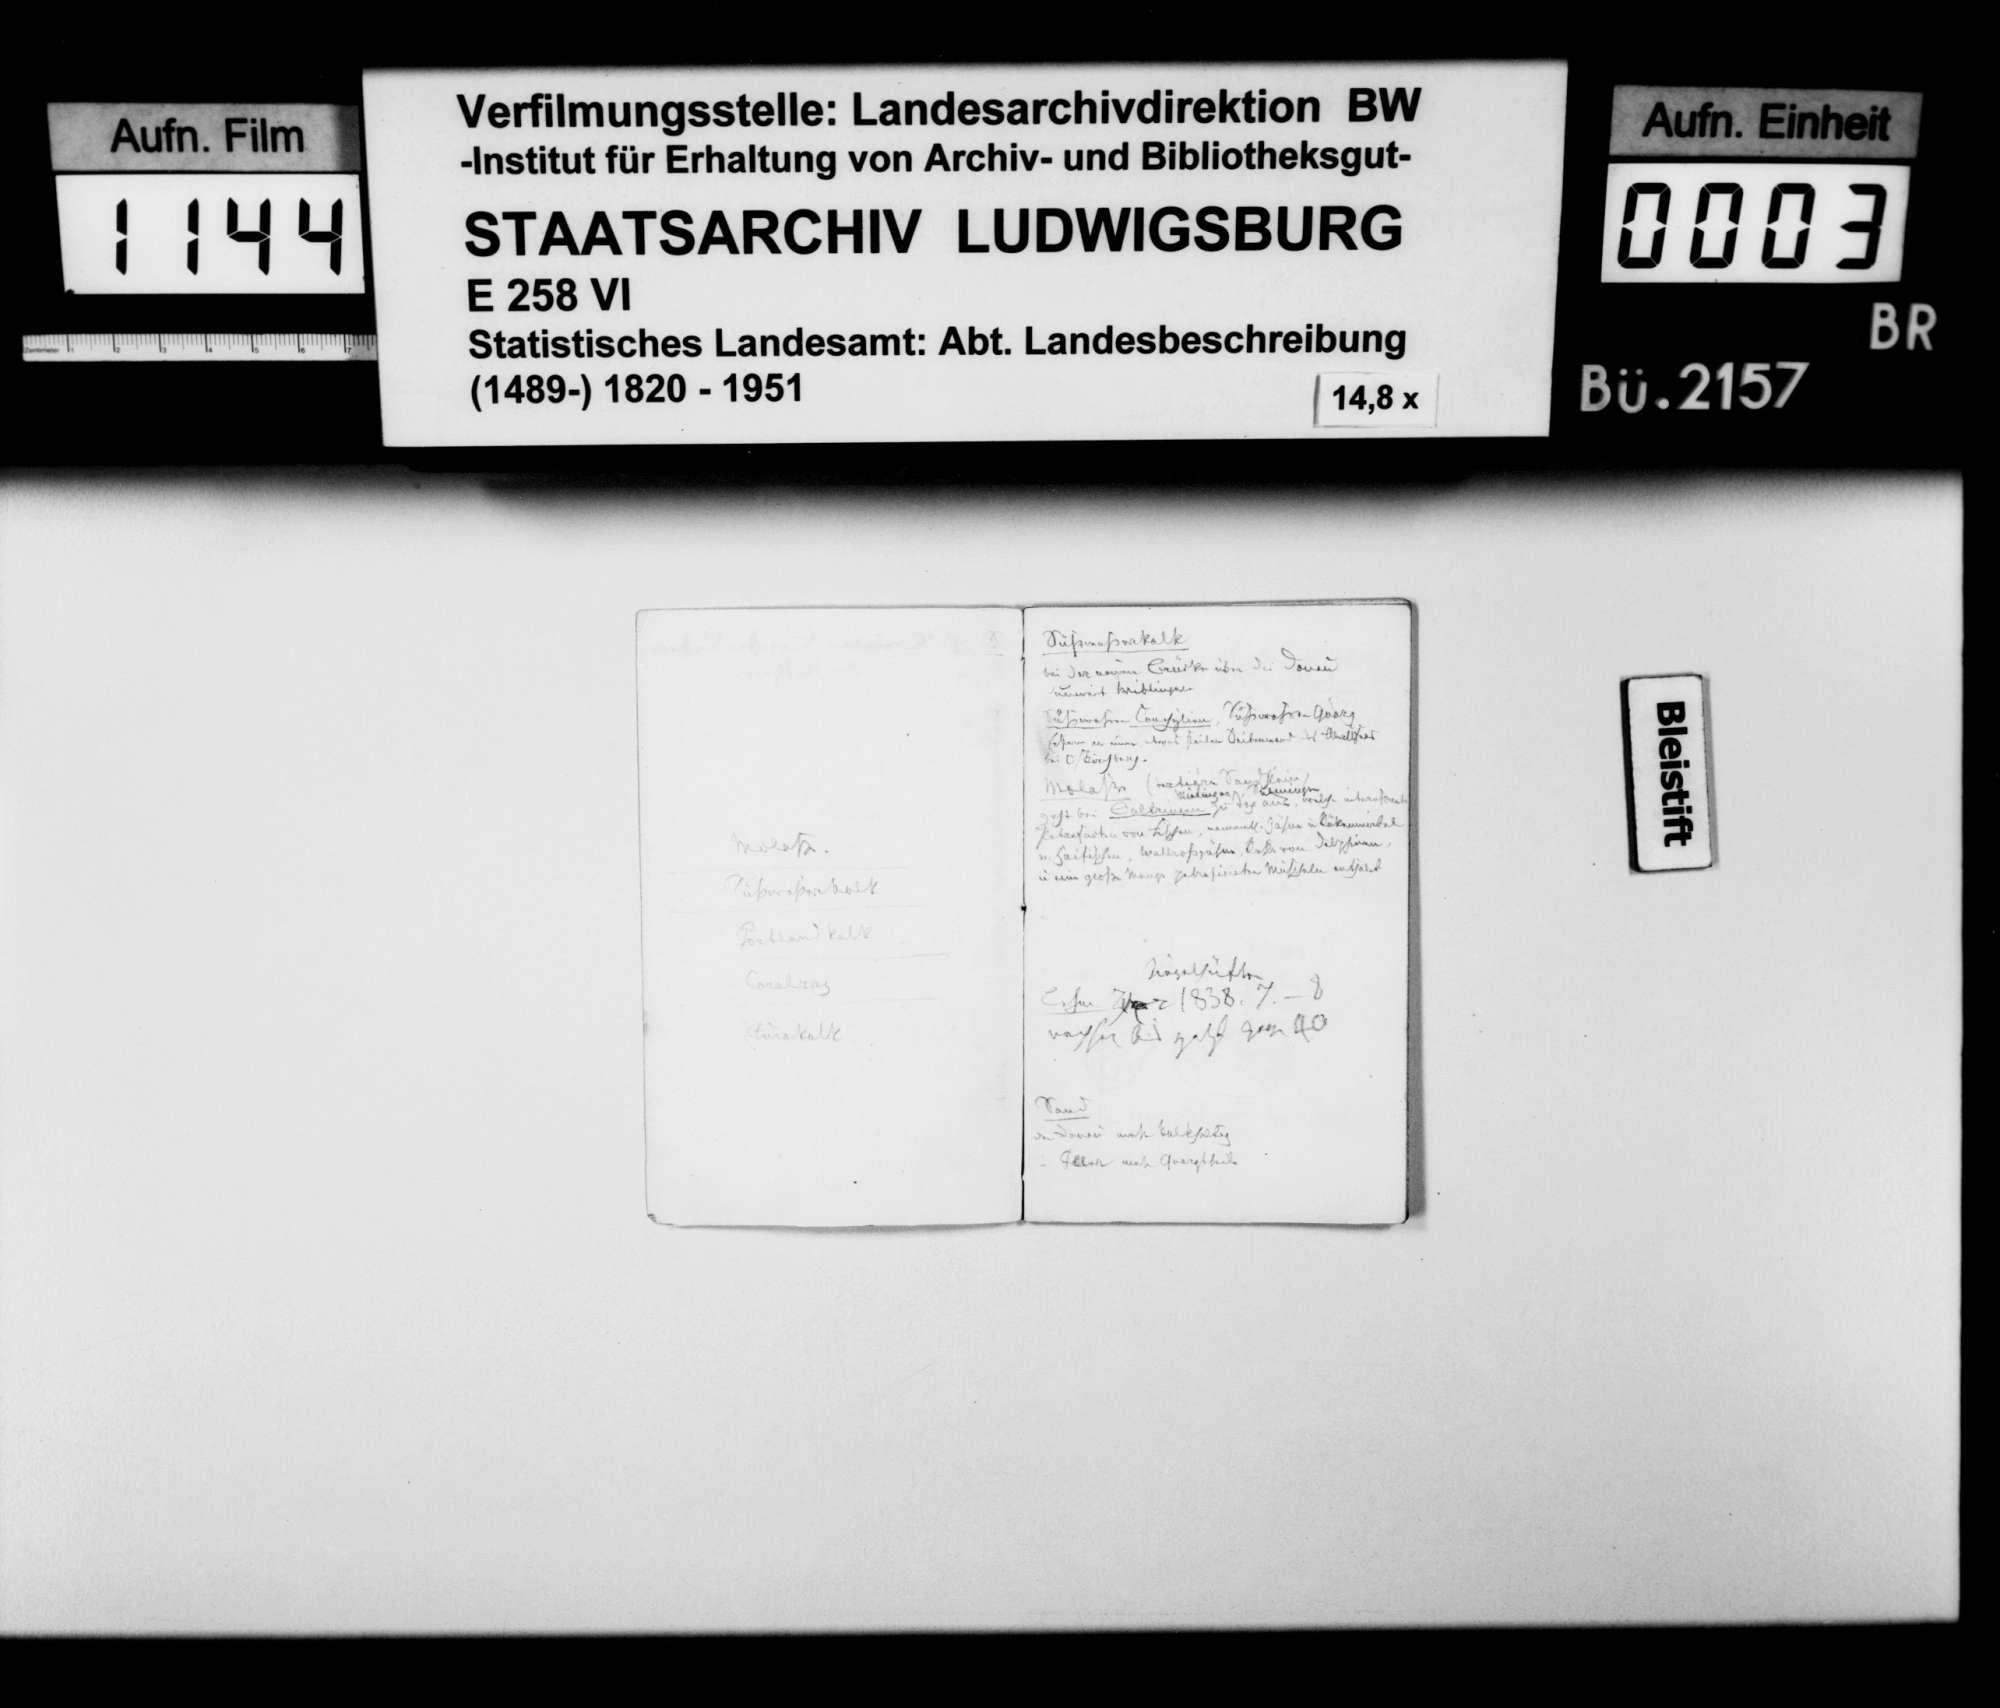 Notizbuch des Katasterkassiers F. Breunlin aus Stuttgart [vgl. Hof- und Staatshandbuch 1831, S. 147: Kanzleiassistent der Oberrechnungskammer B.], Bild 2